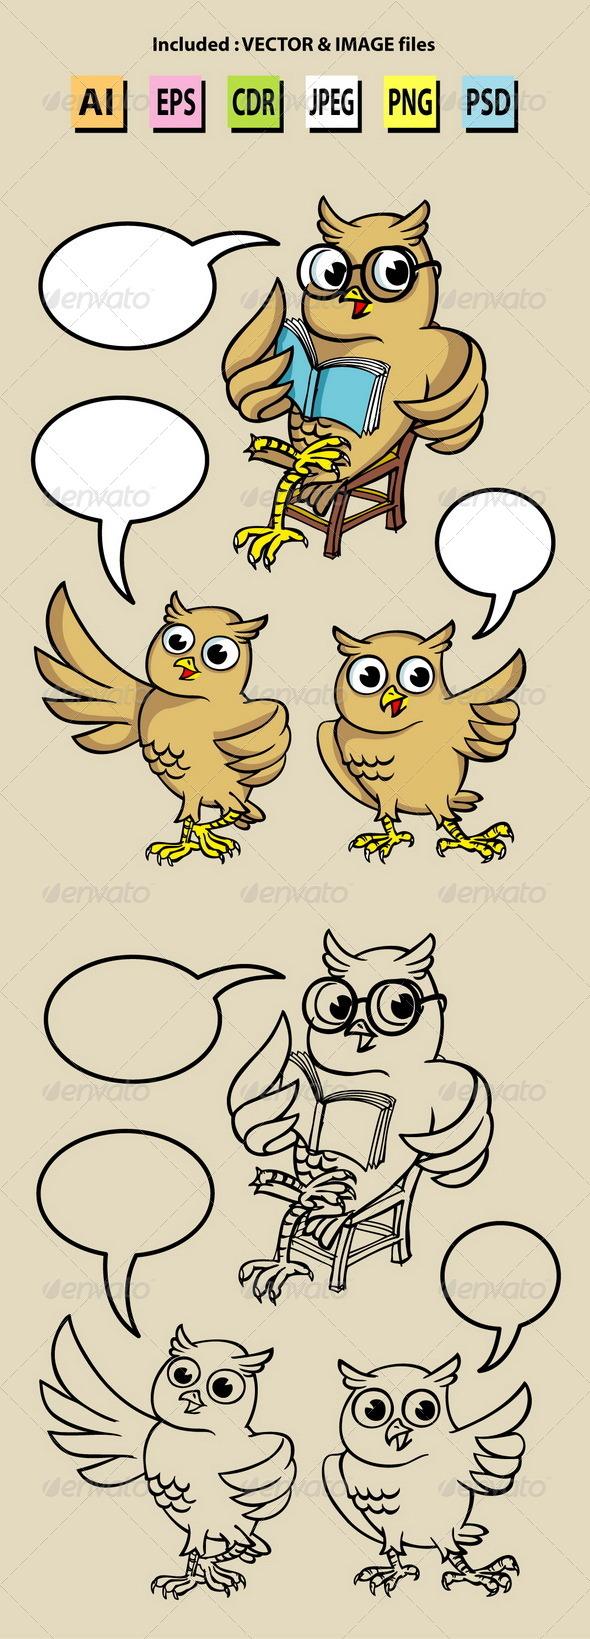 Owl Cartoon Character Vectors - Animals Characters